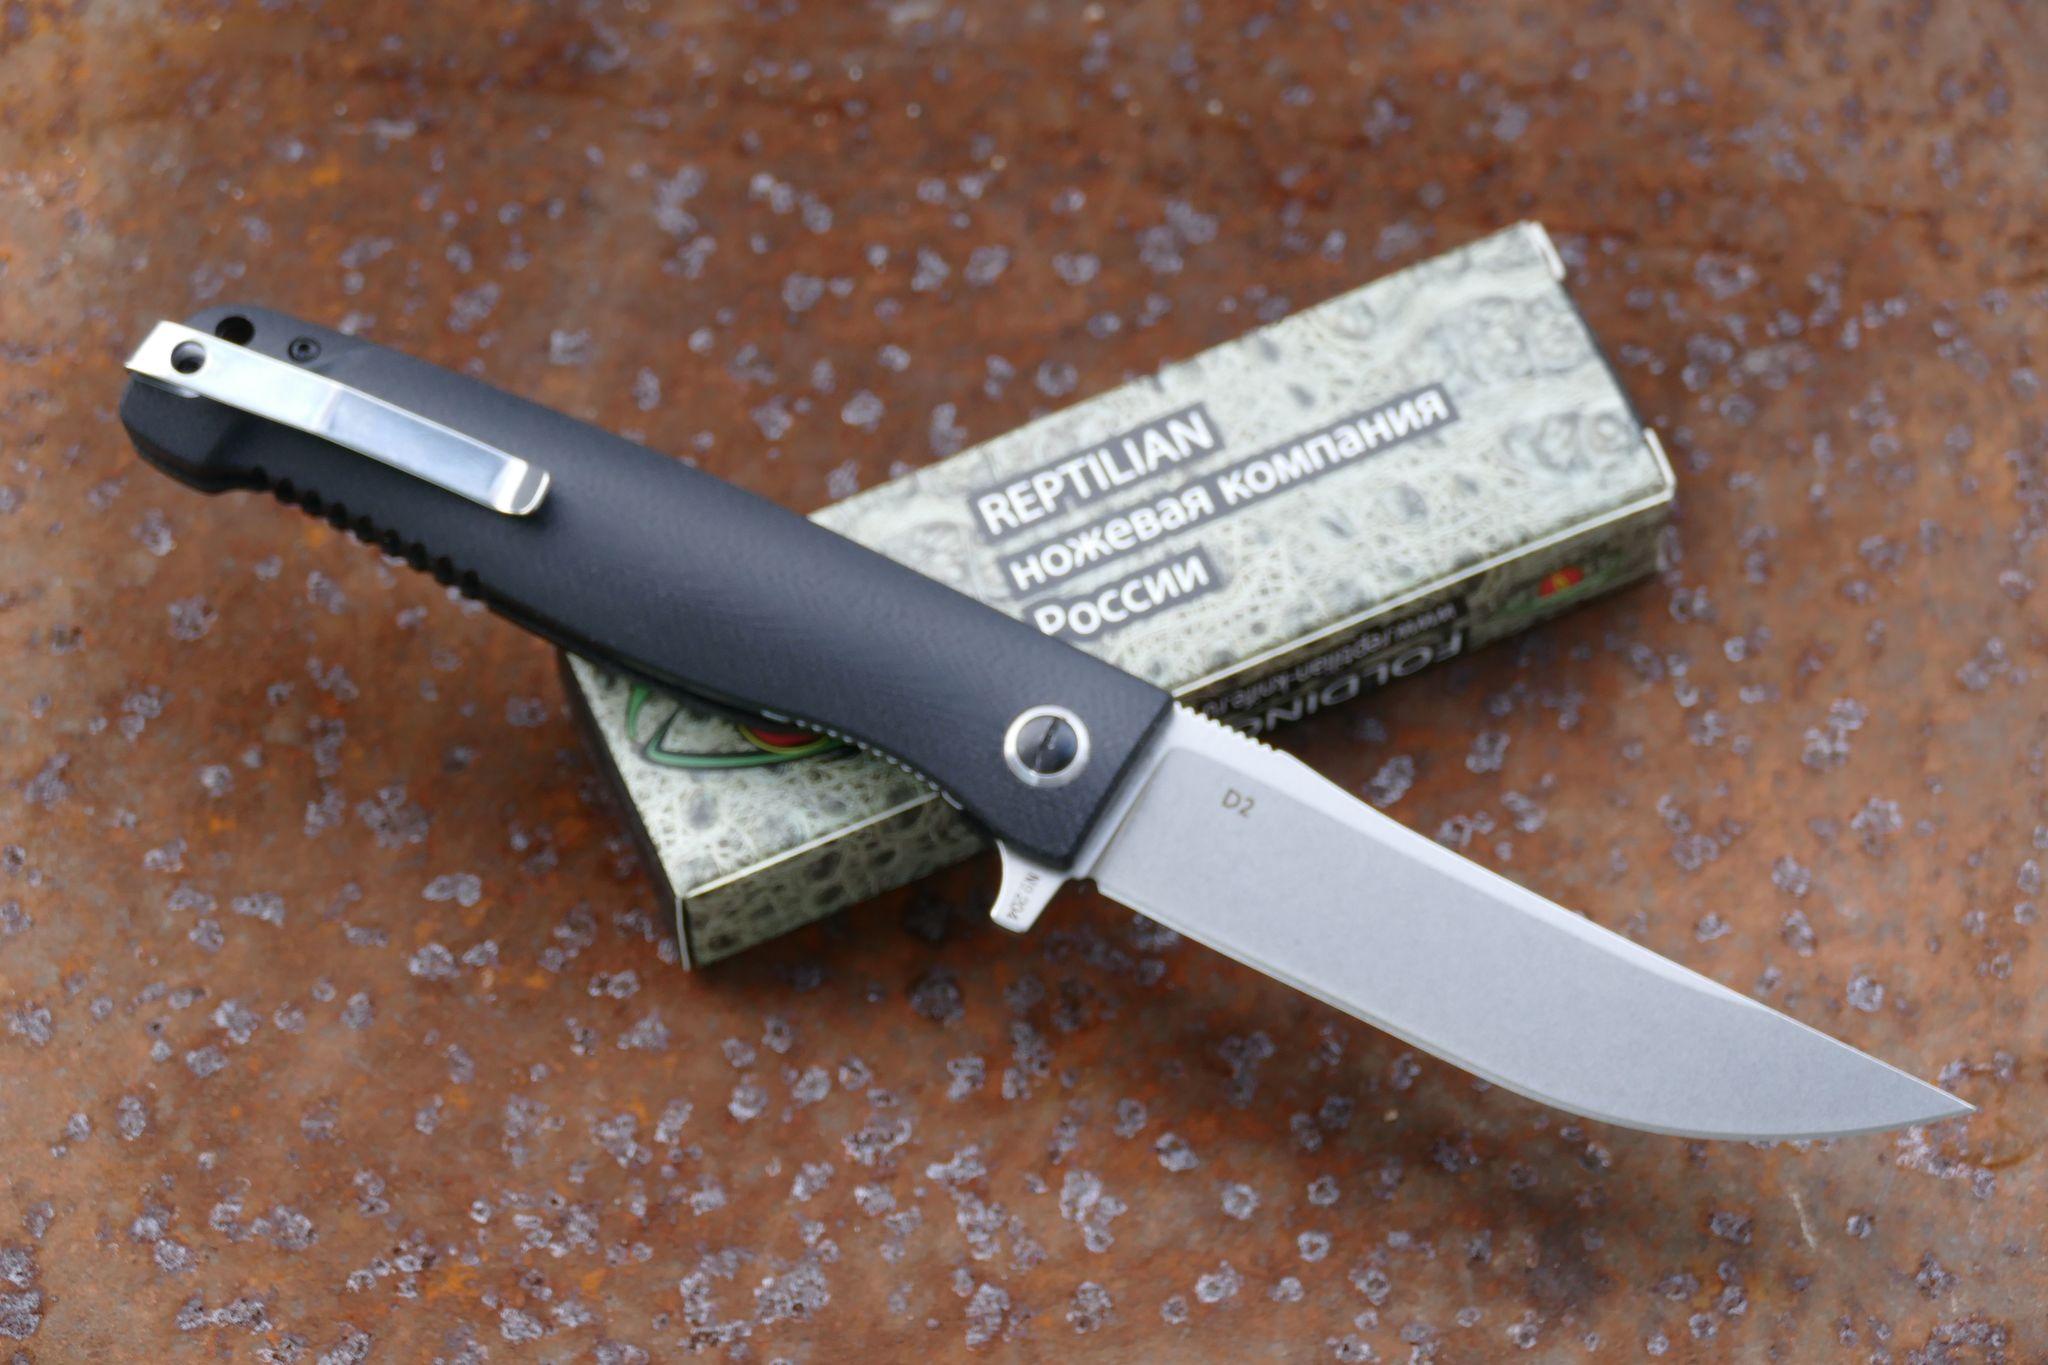 Фото 8 - Складной нож Карат 2 от Reptilian